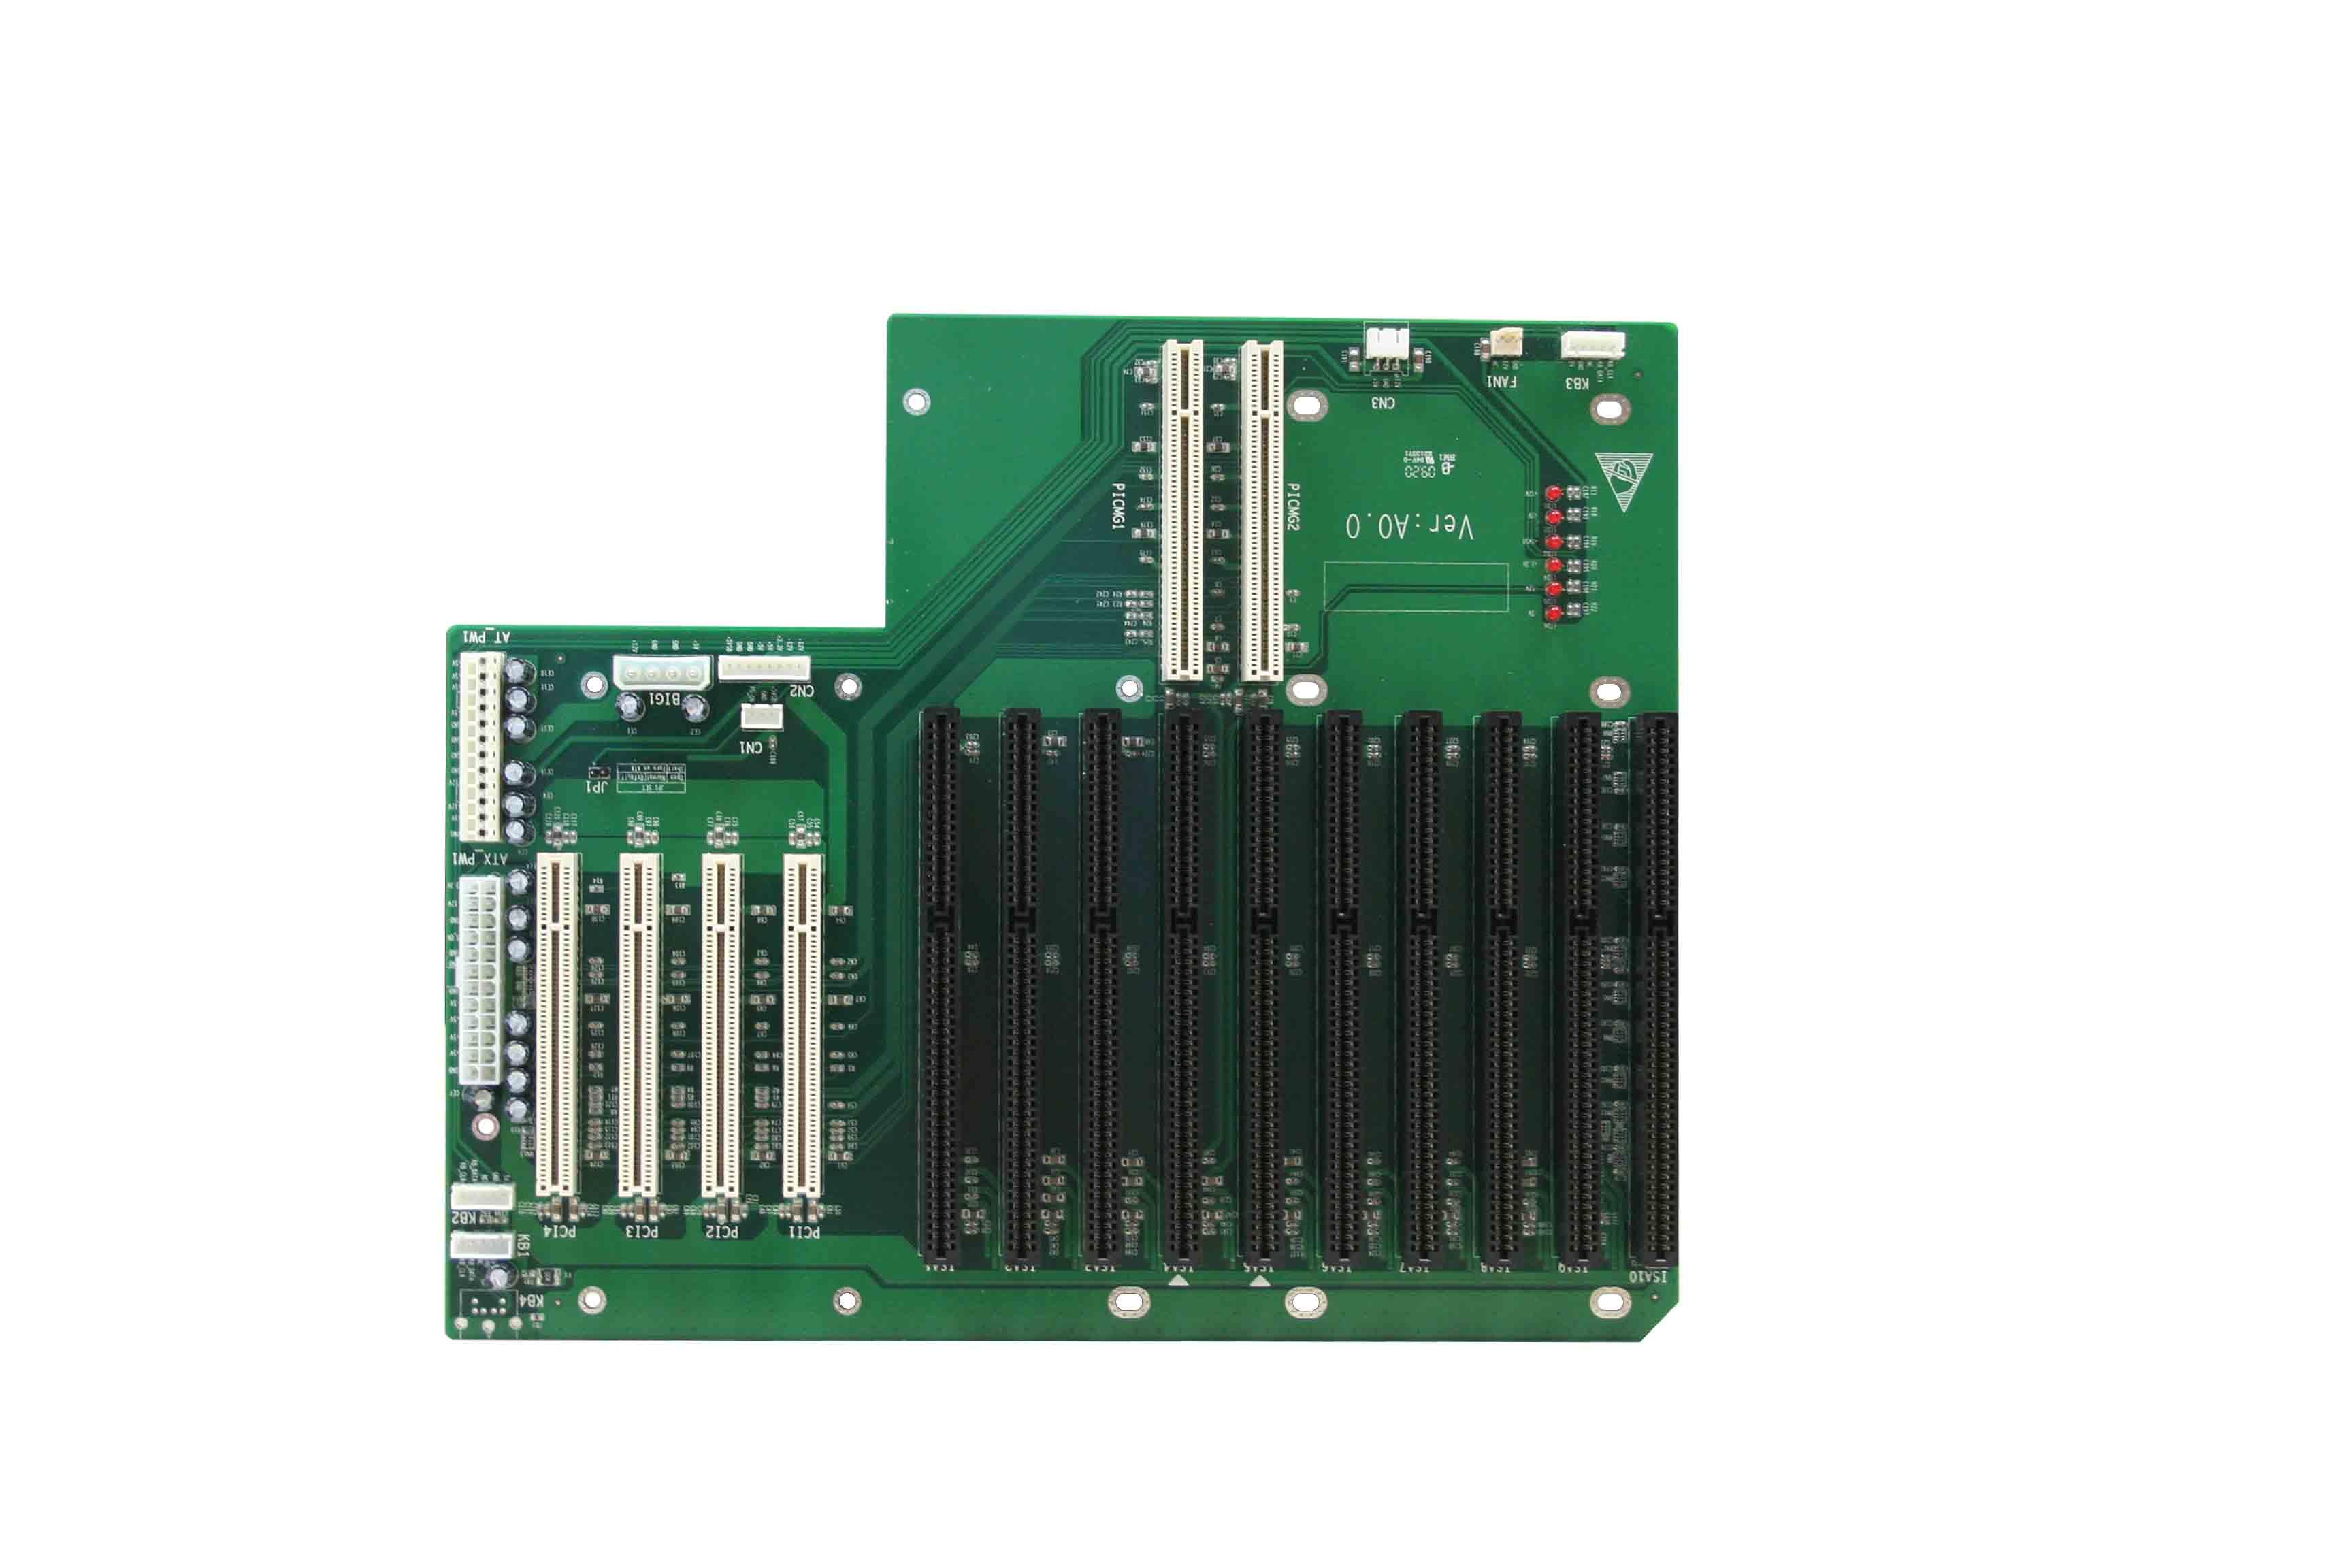 提供5项电源指示灯   ★支持标准at/atx电源供电   ★产品尺寸